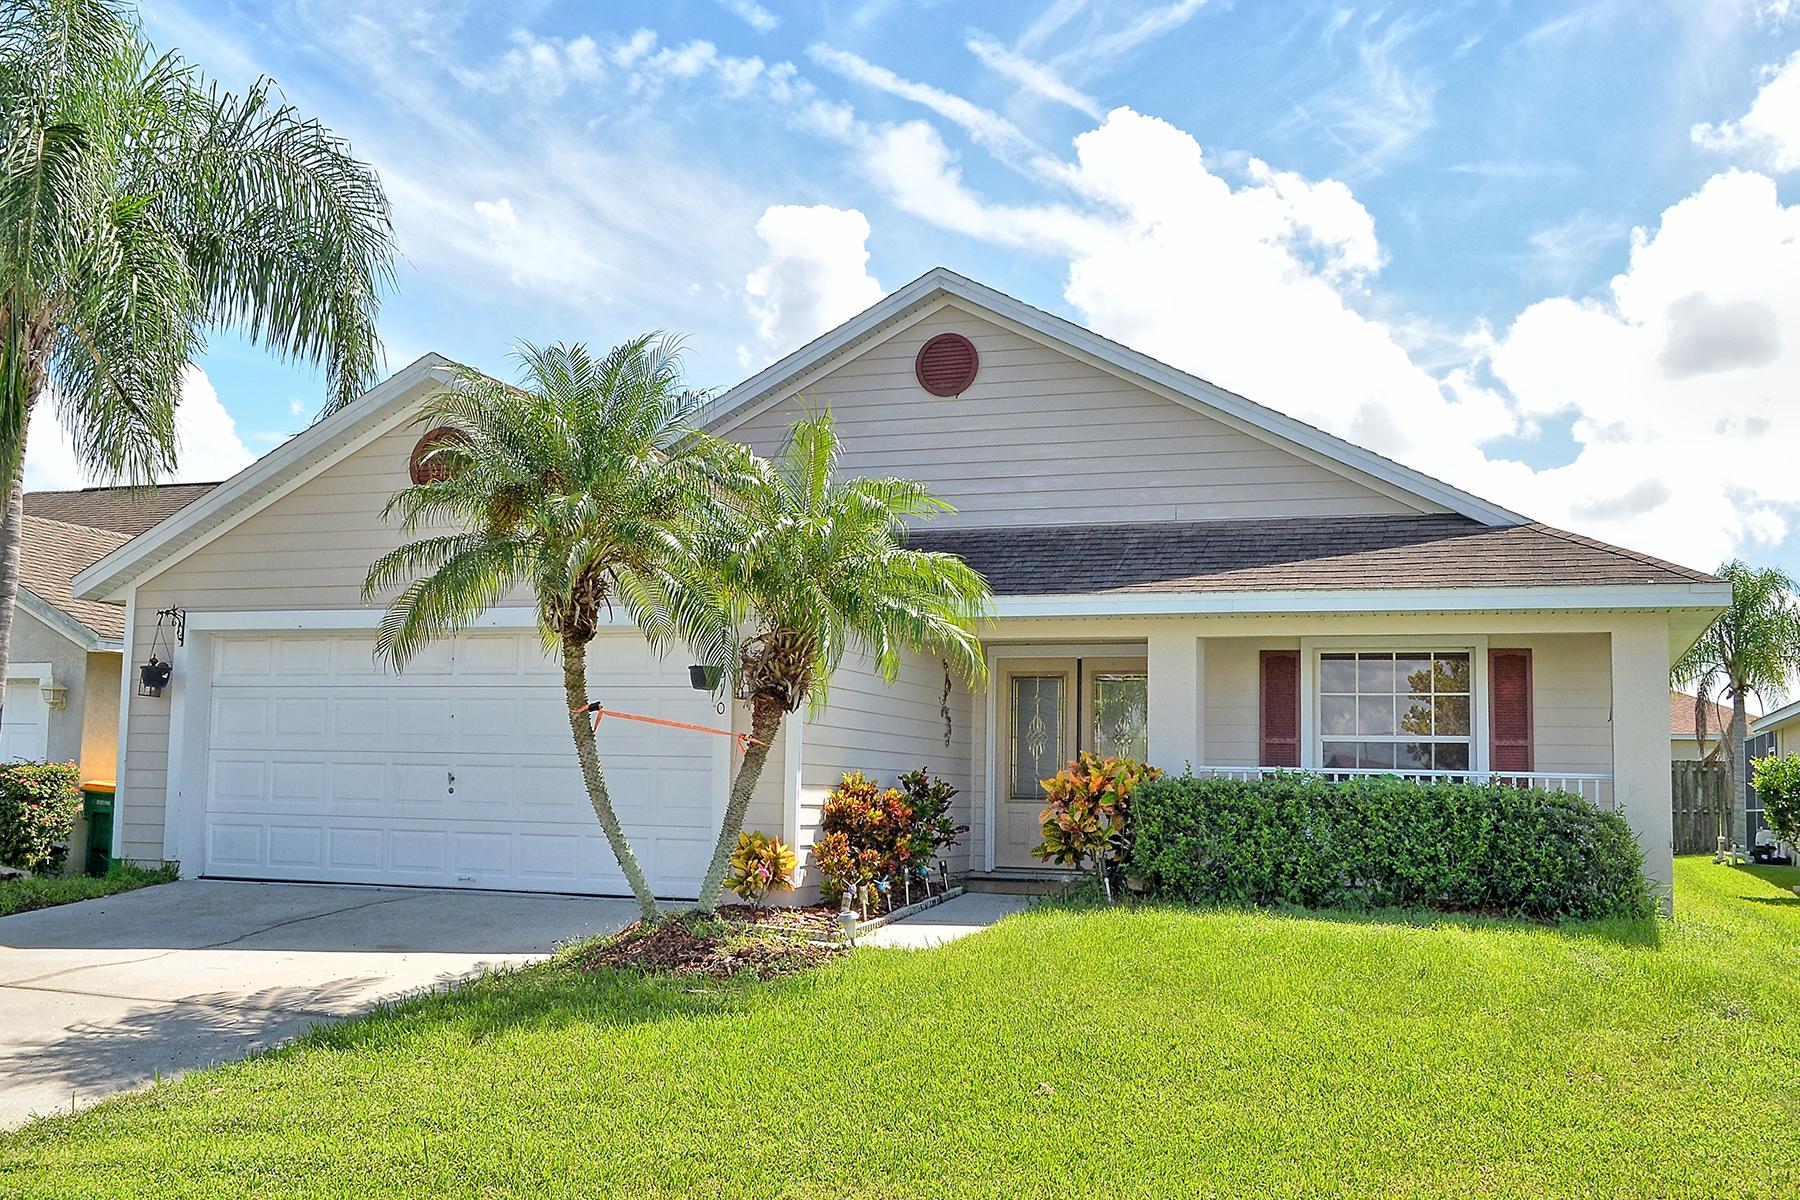 一戸建て のために 売買 アット KISSIMMEE, FLORIDA 2610 Willow Glen Cir Kissimmee, フロリダ, 34744 アメリカ合衆国